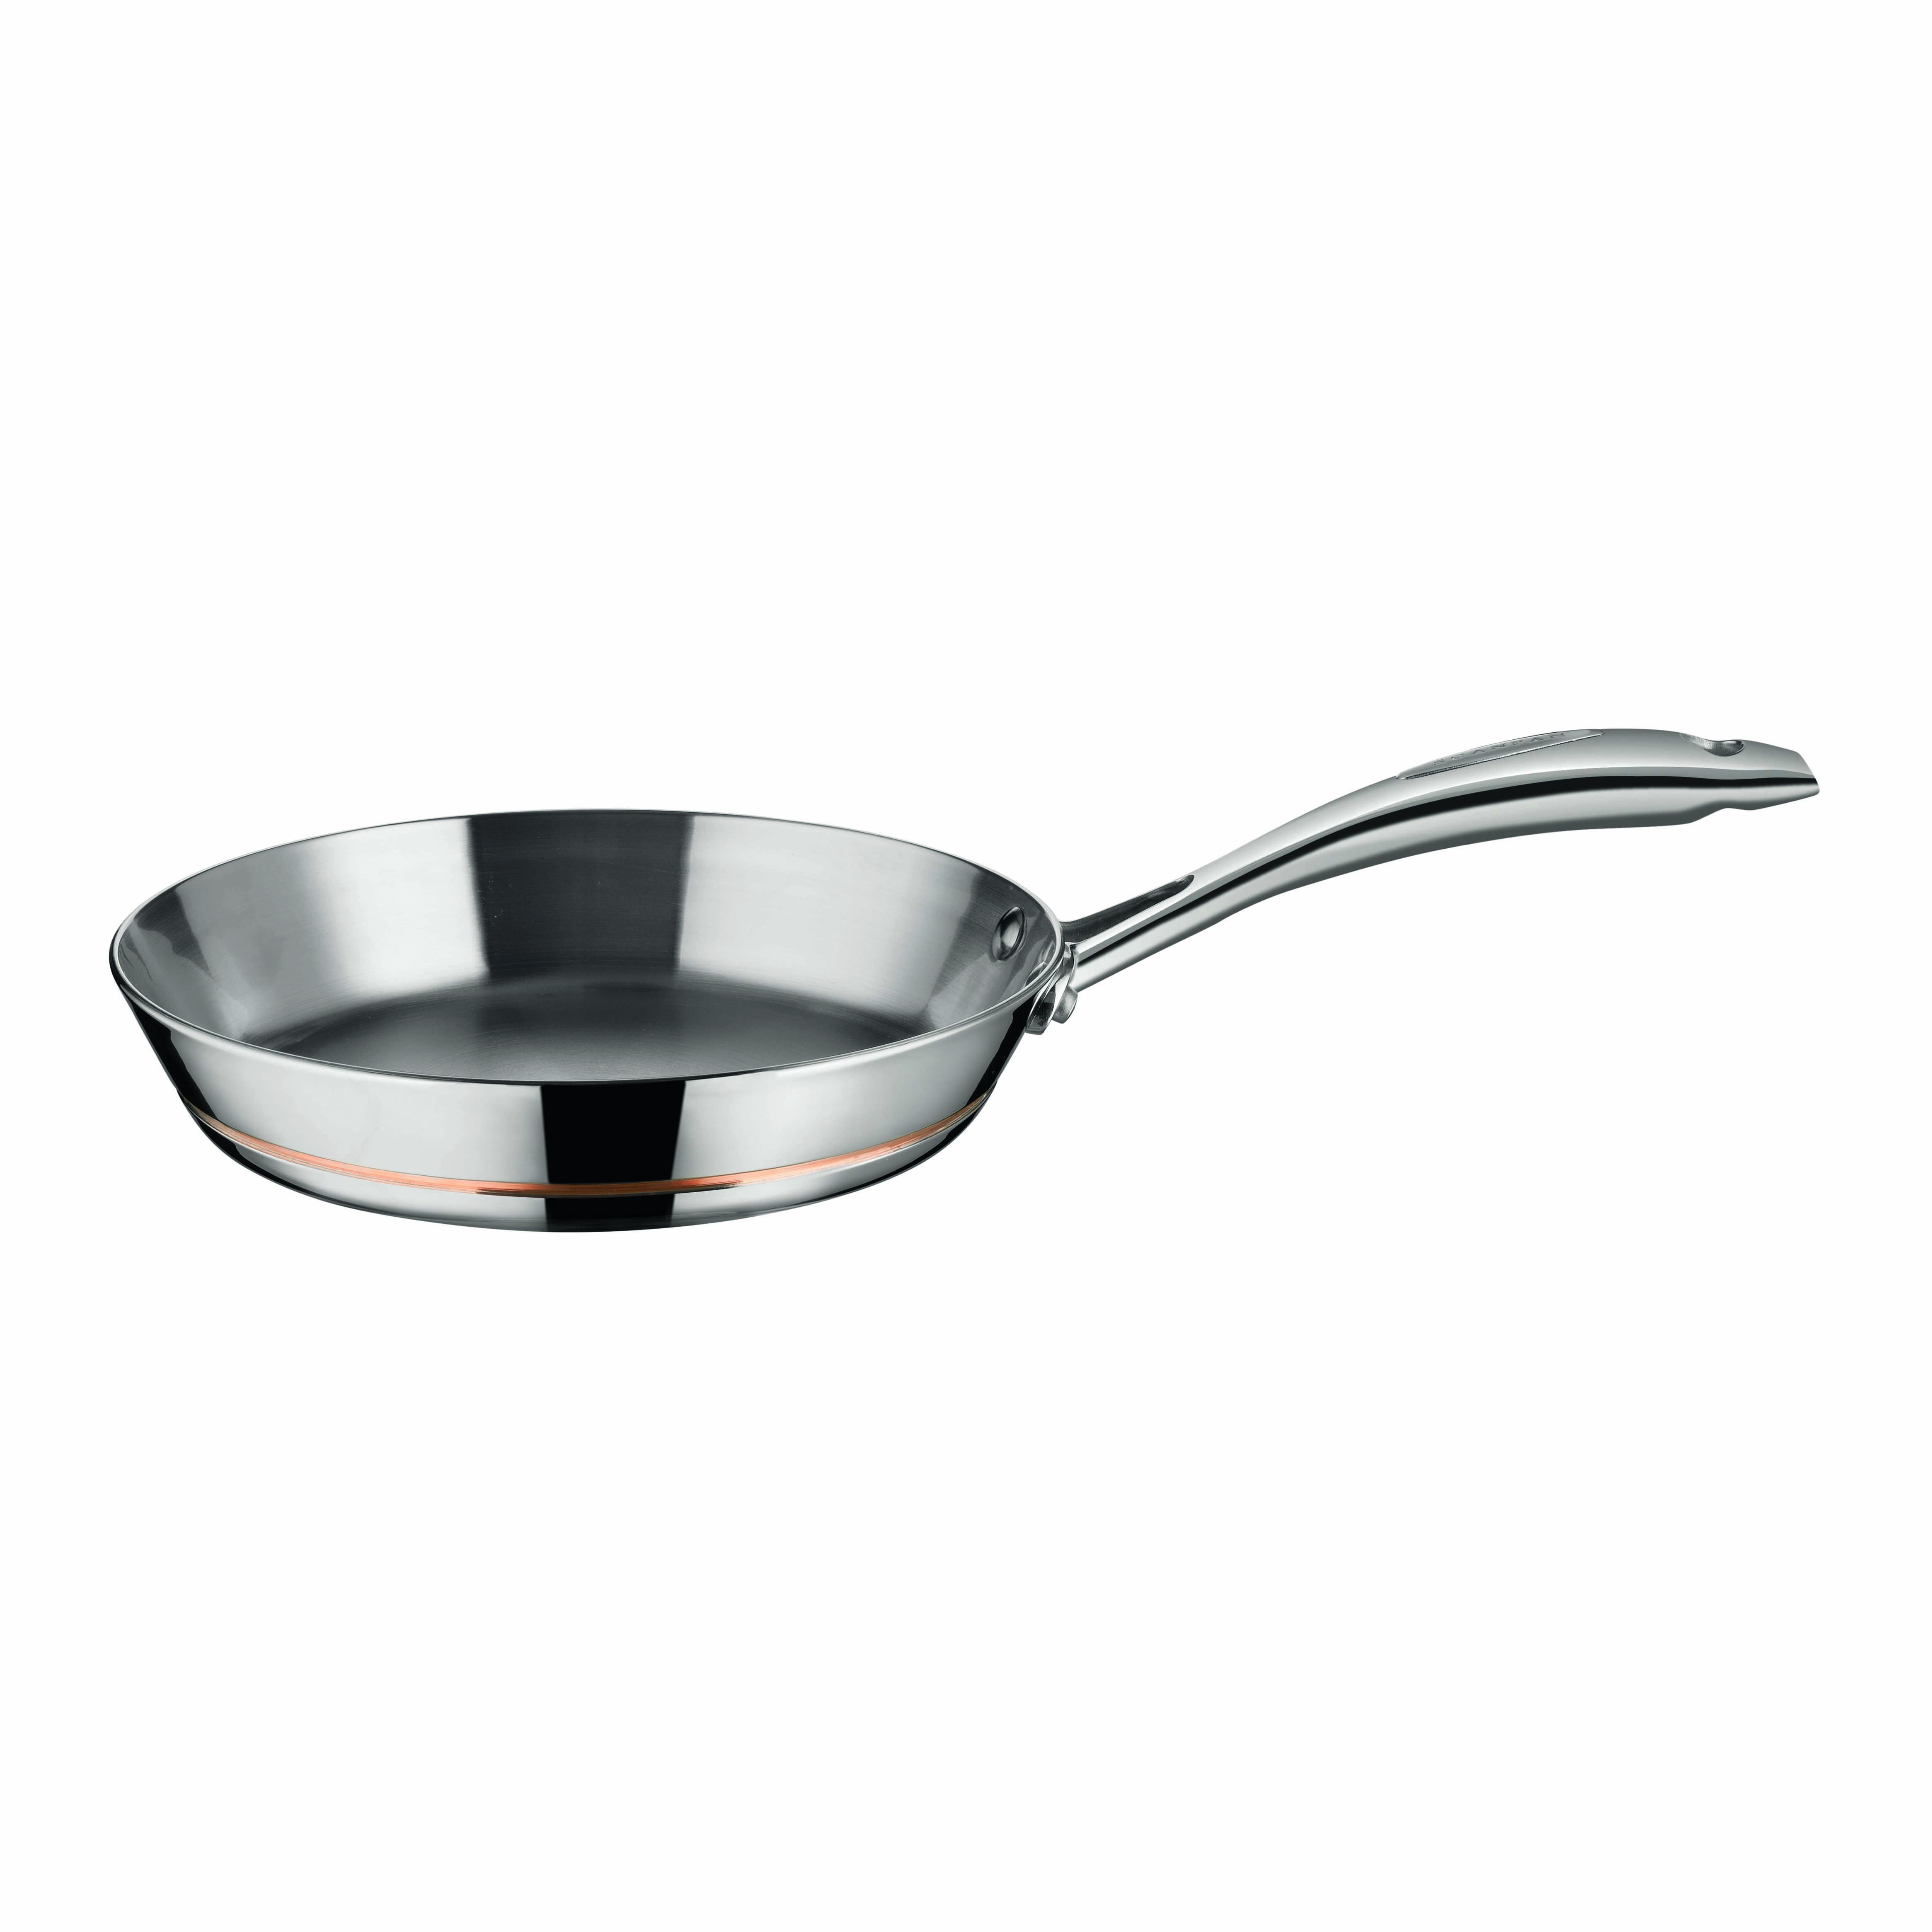 Scanpan Axis 24cm Fry Pan